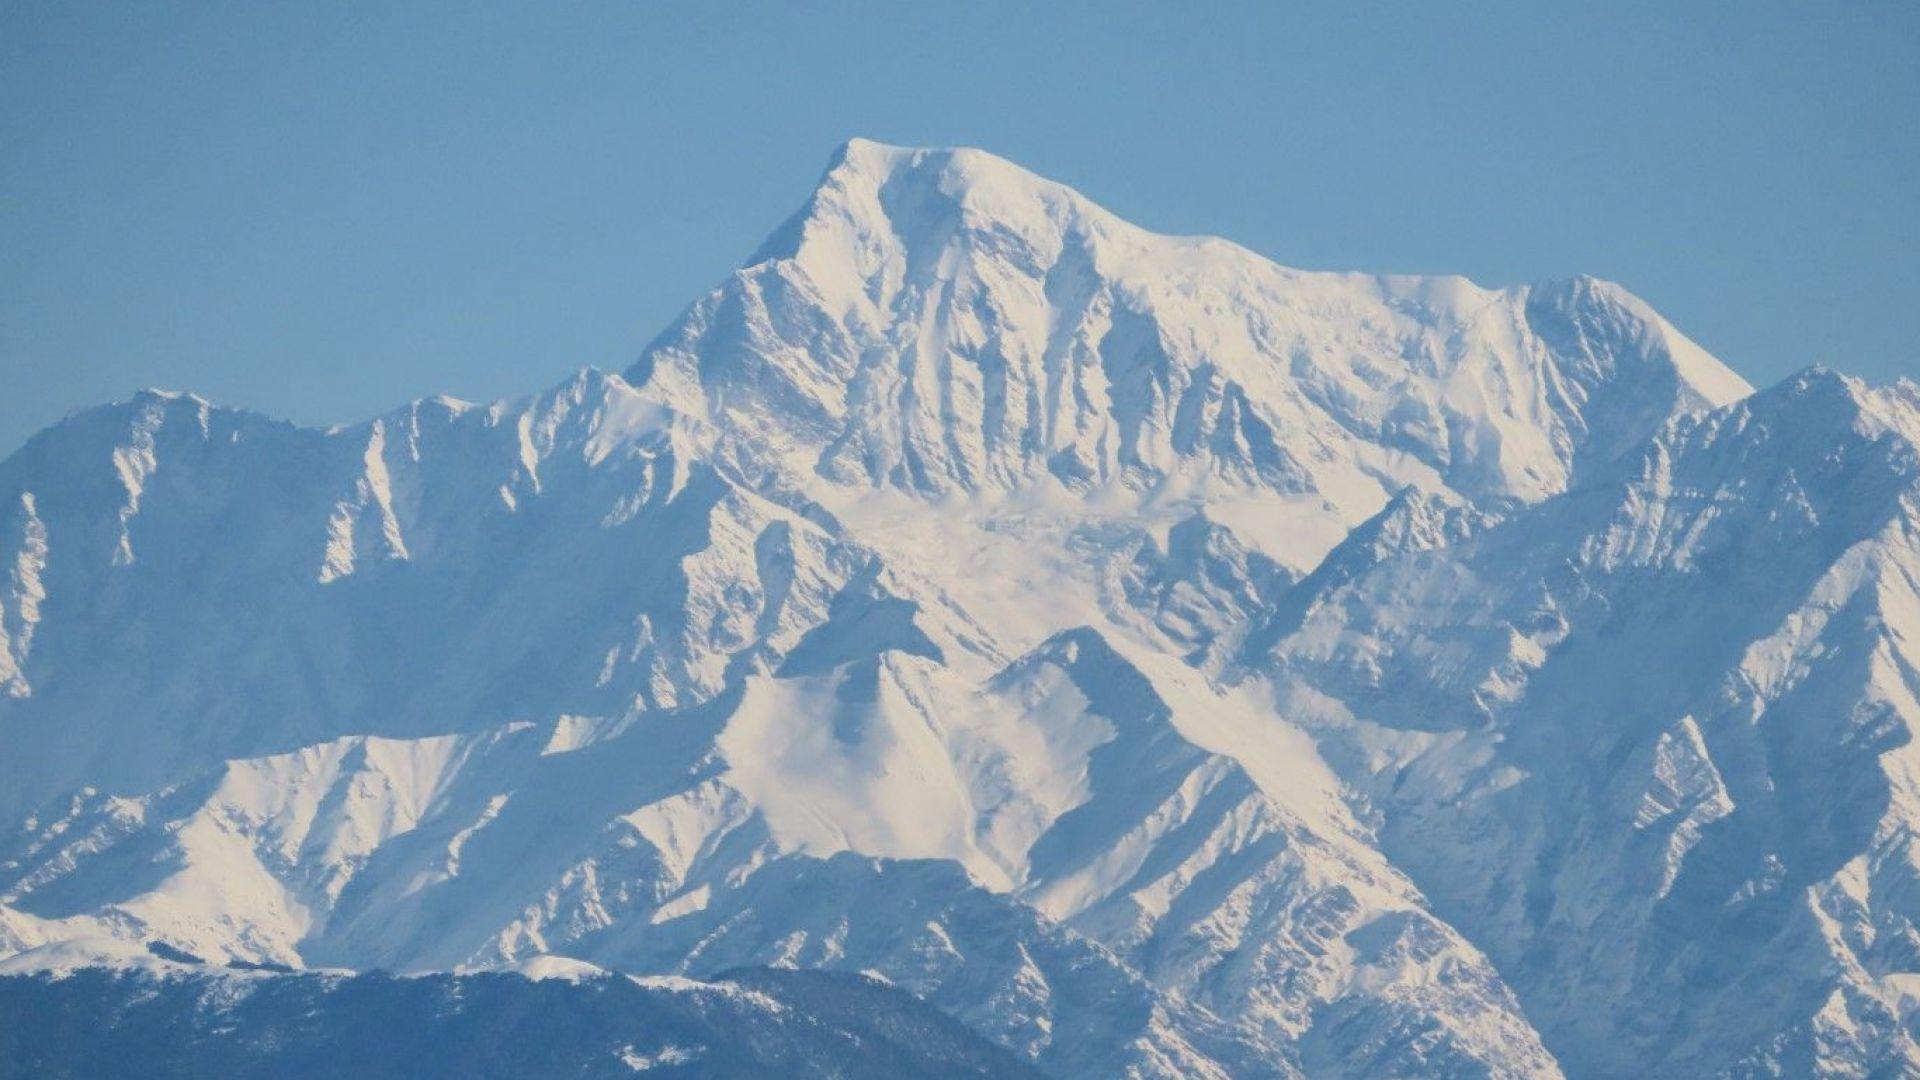 Откриха пет от телата на изчезналите в Хималаите 8 алпинисти: кои са загиналите